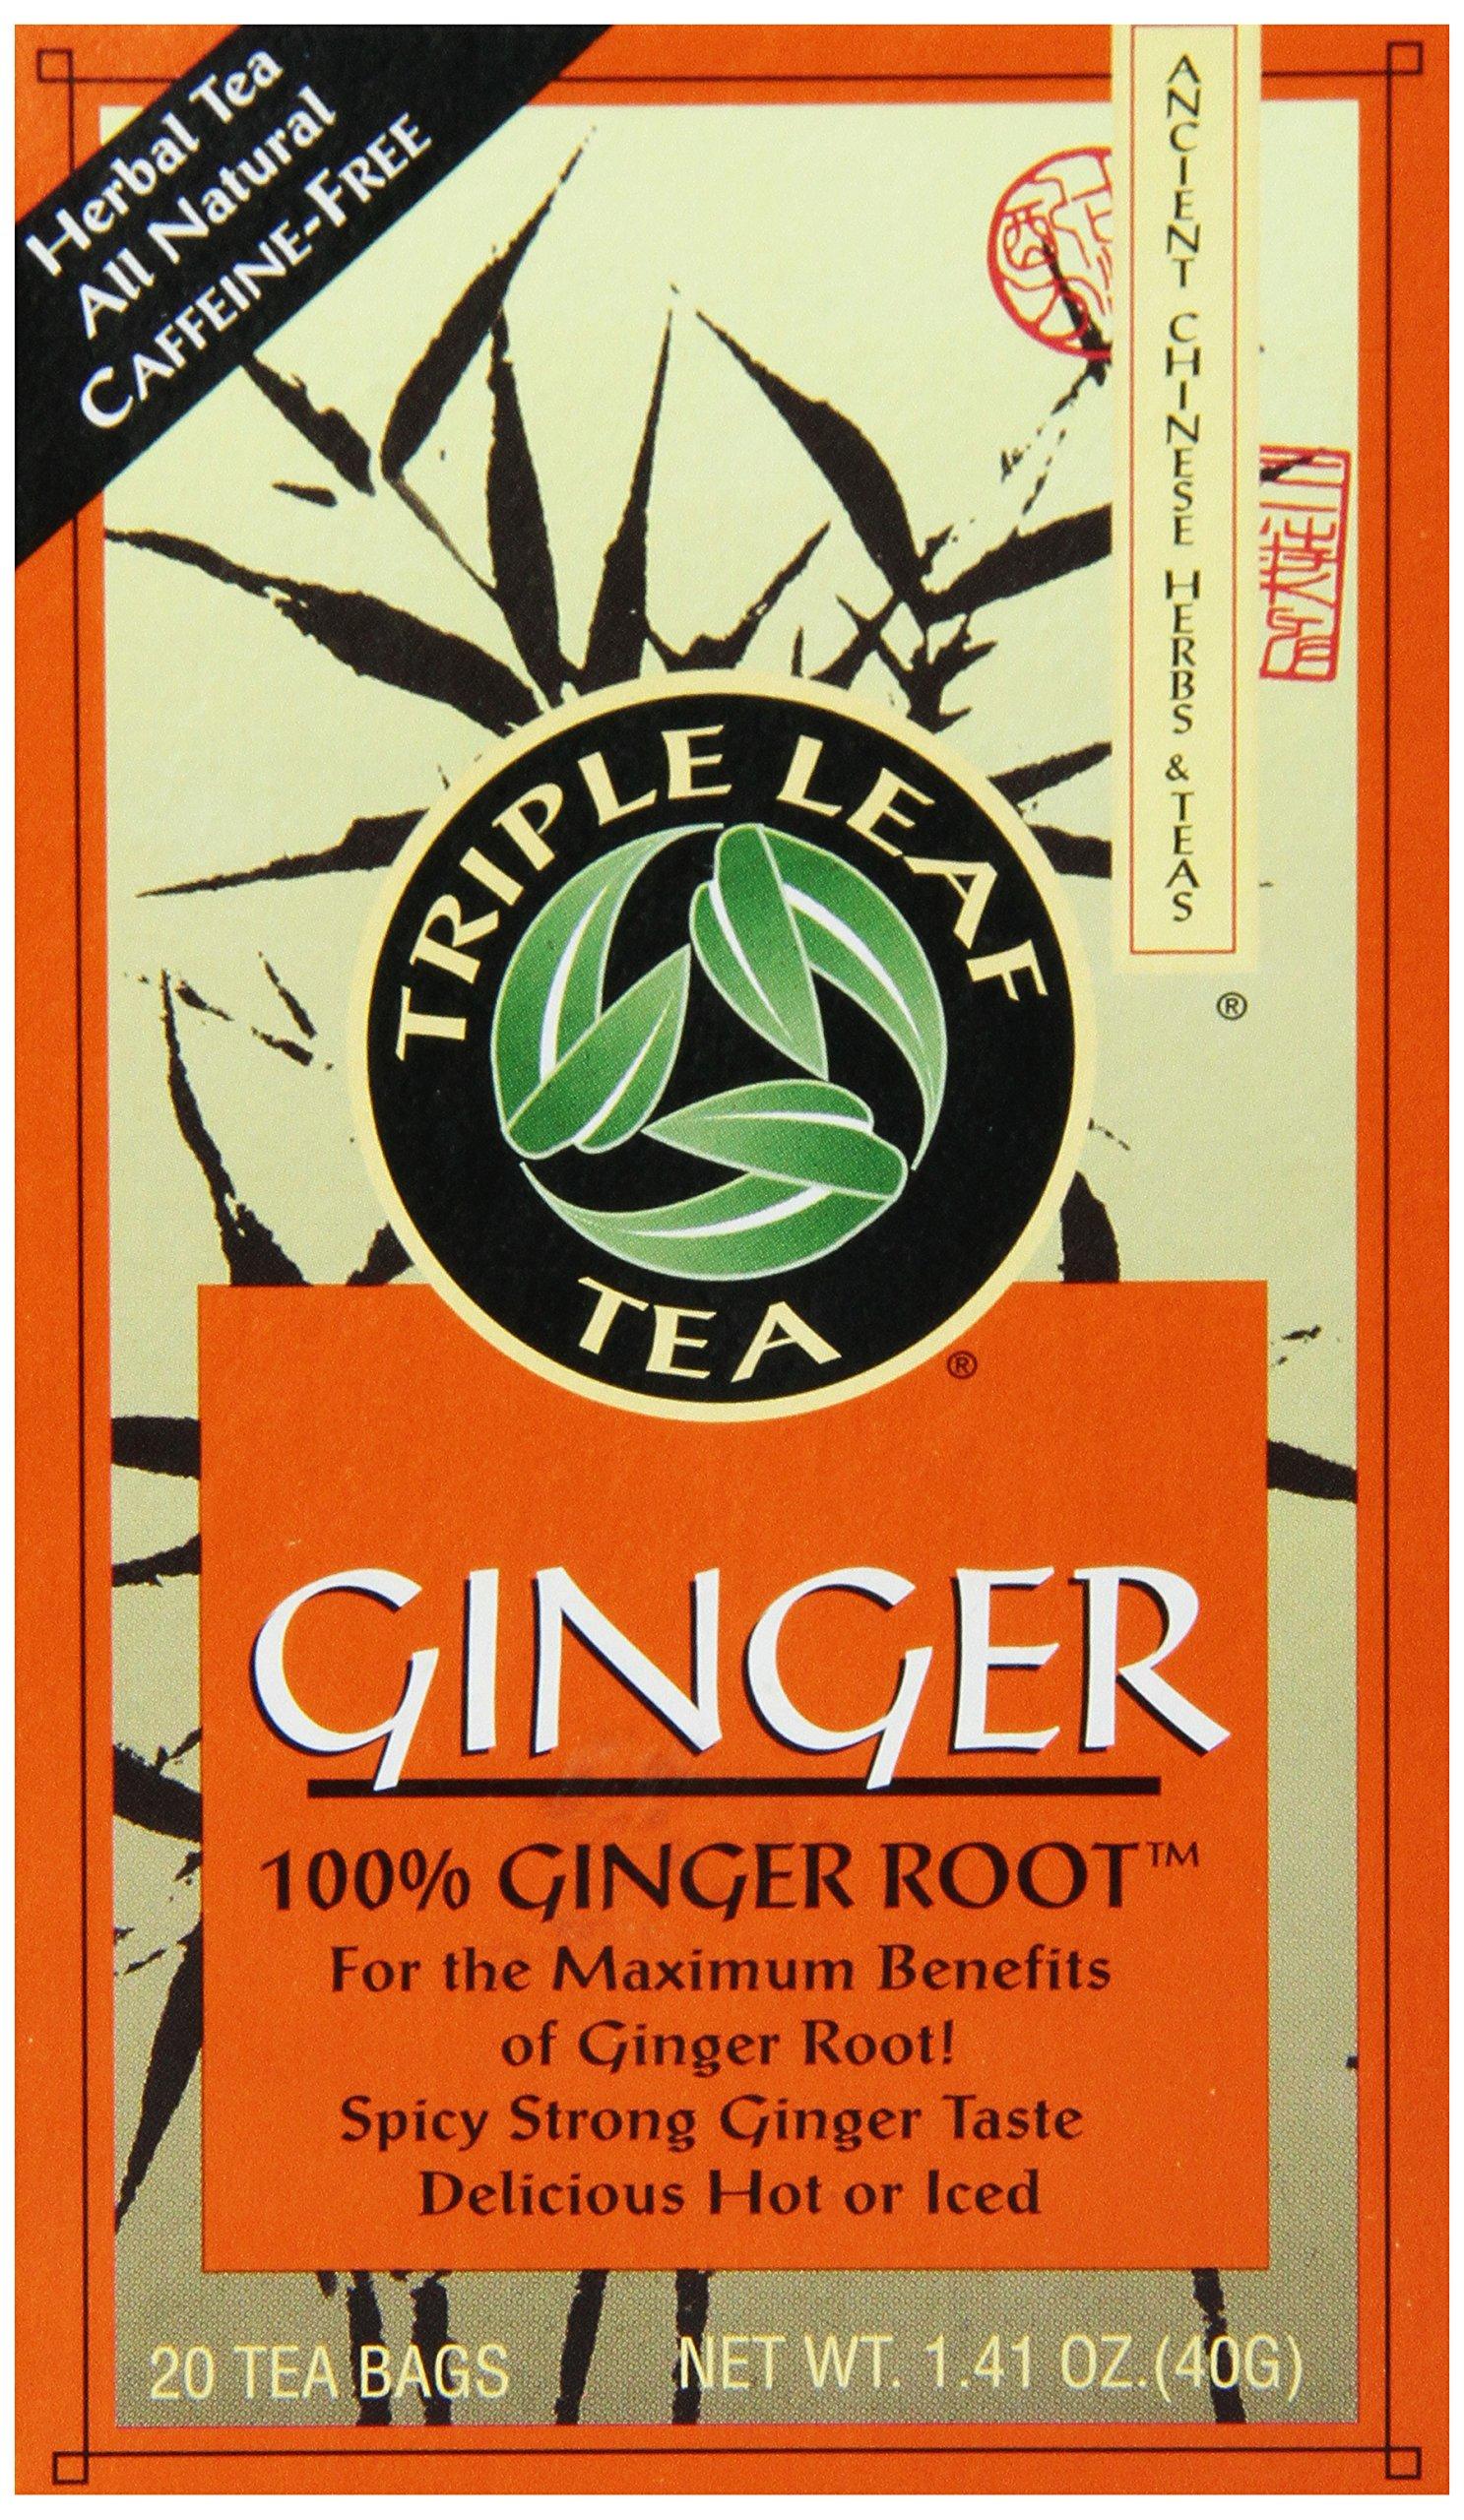 Triple Leaf Tea, Ginger, 20 Tea Bags (Pack of 6) by Triple Leaf